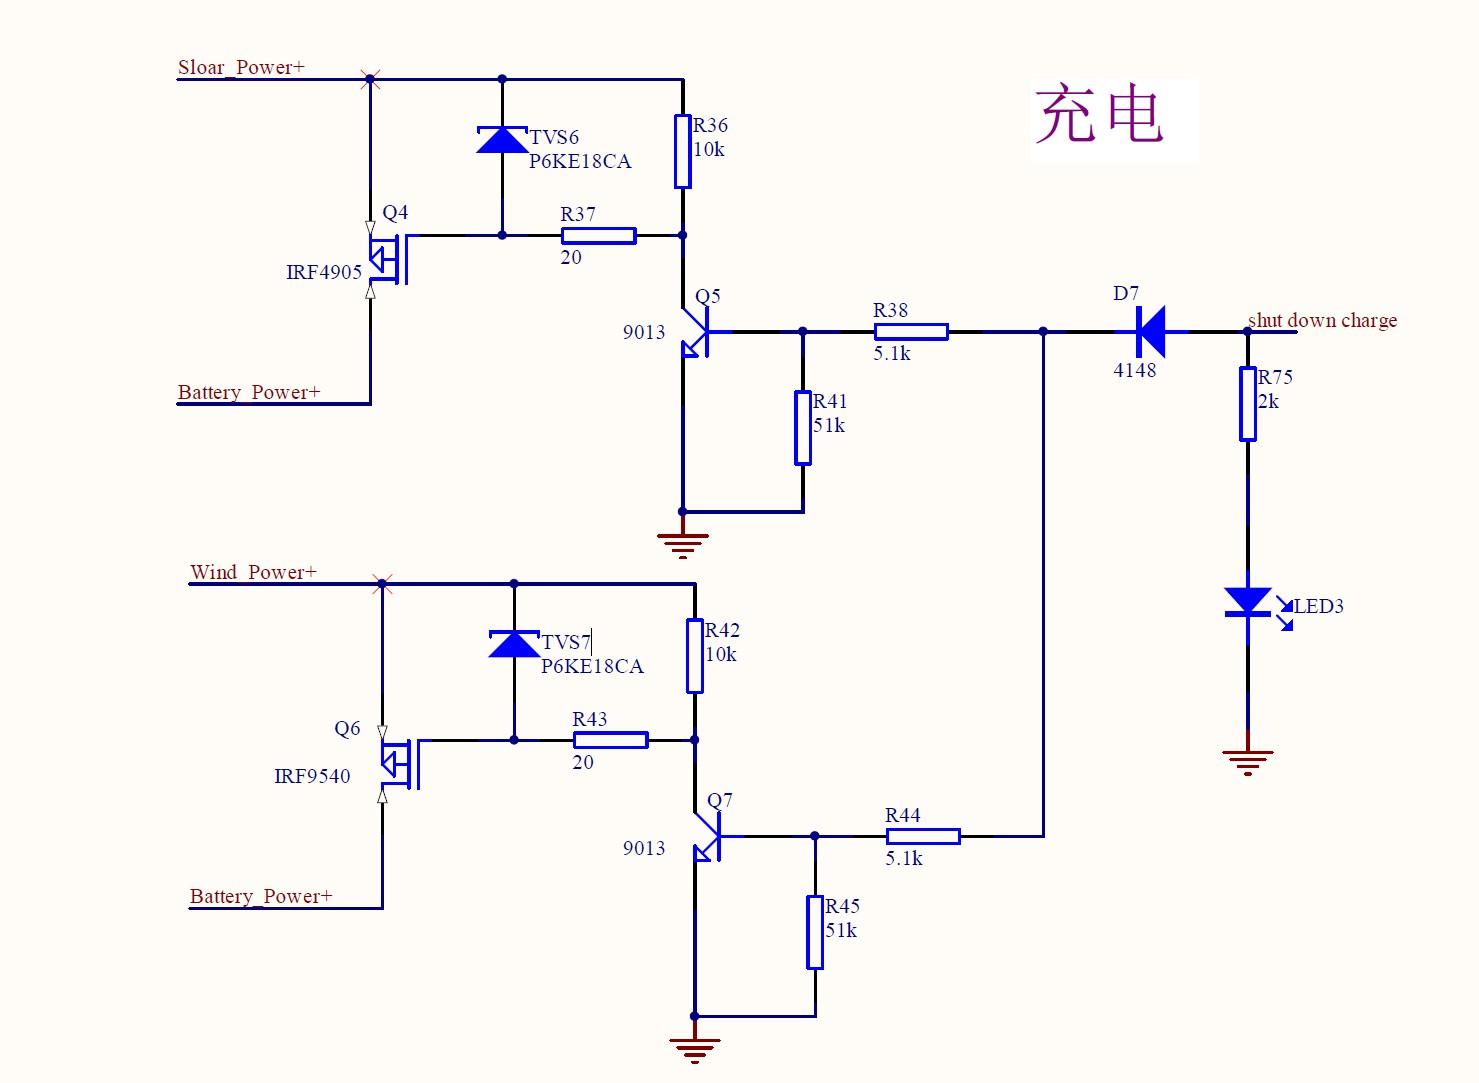 5 图片貌似被压缩了 由stm32f103 单片机控制的蓄电池充电电路,当